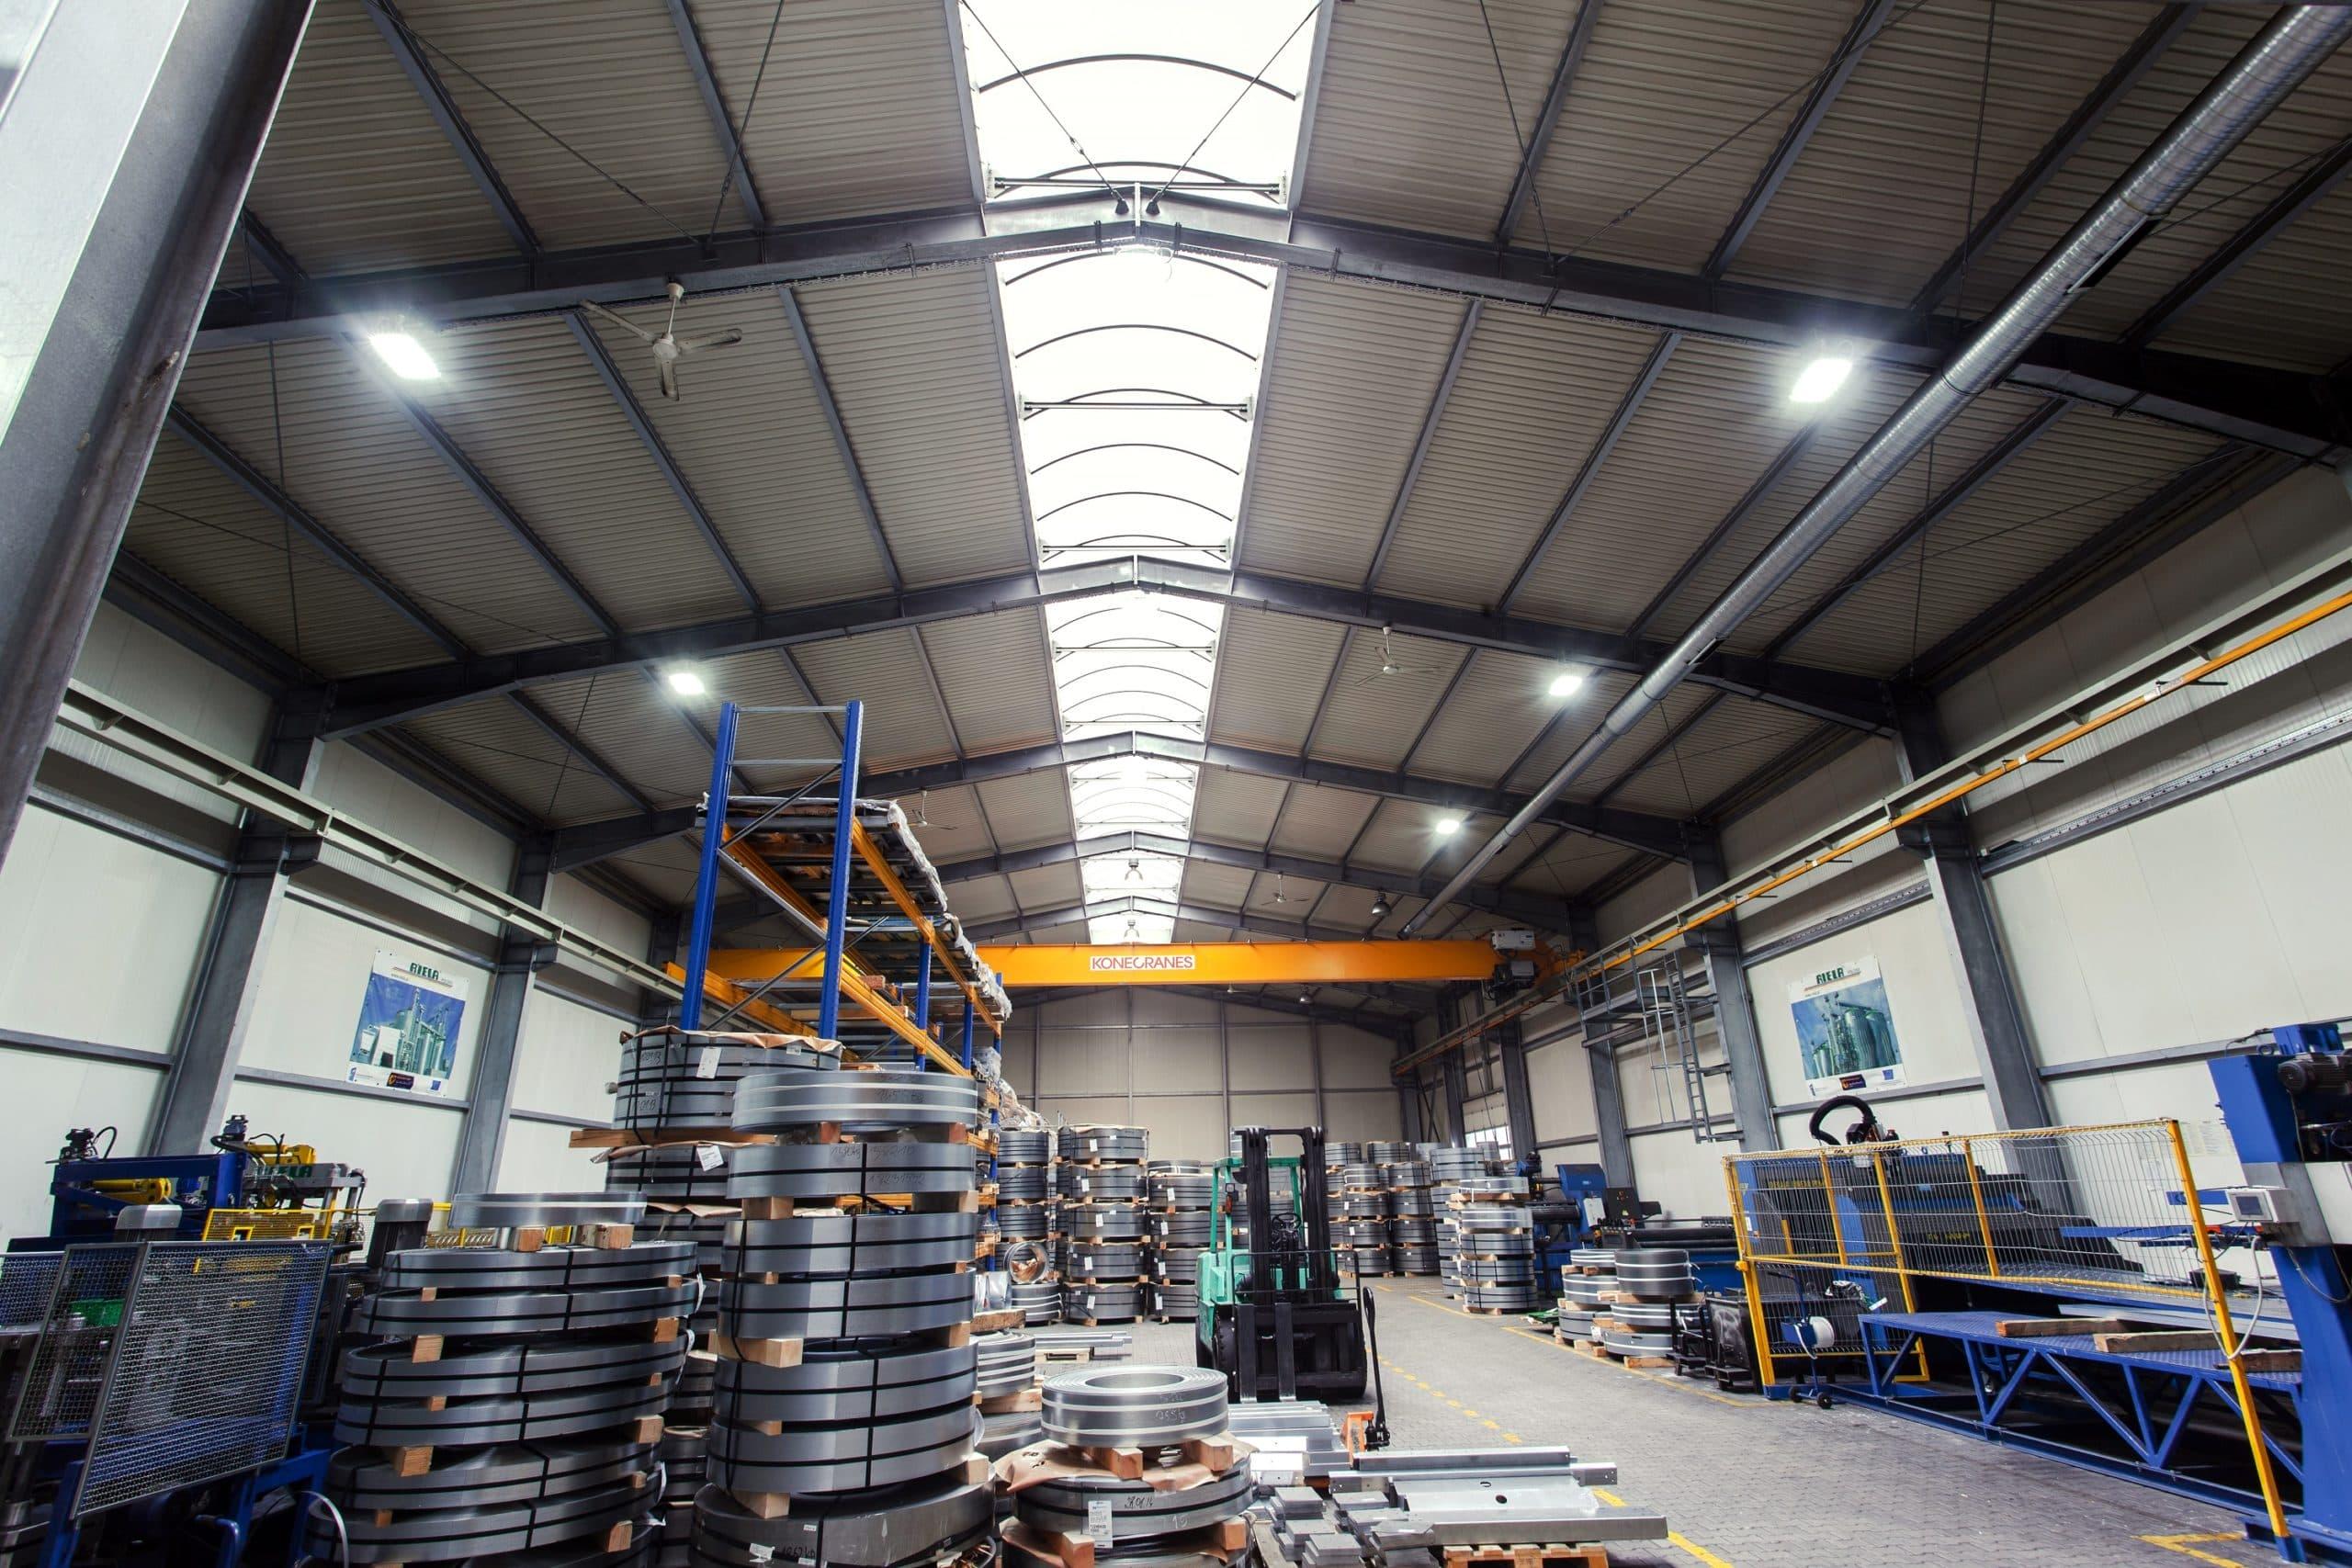 Oprawy przemysłowe w hali produkcyjnej firmy Riela - Luxon LED